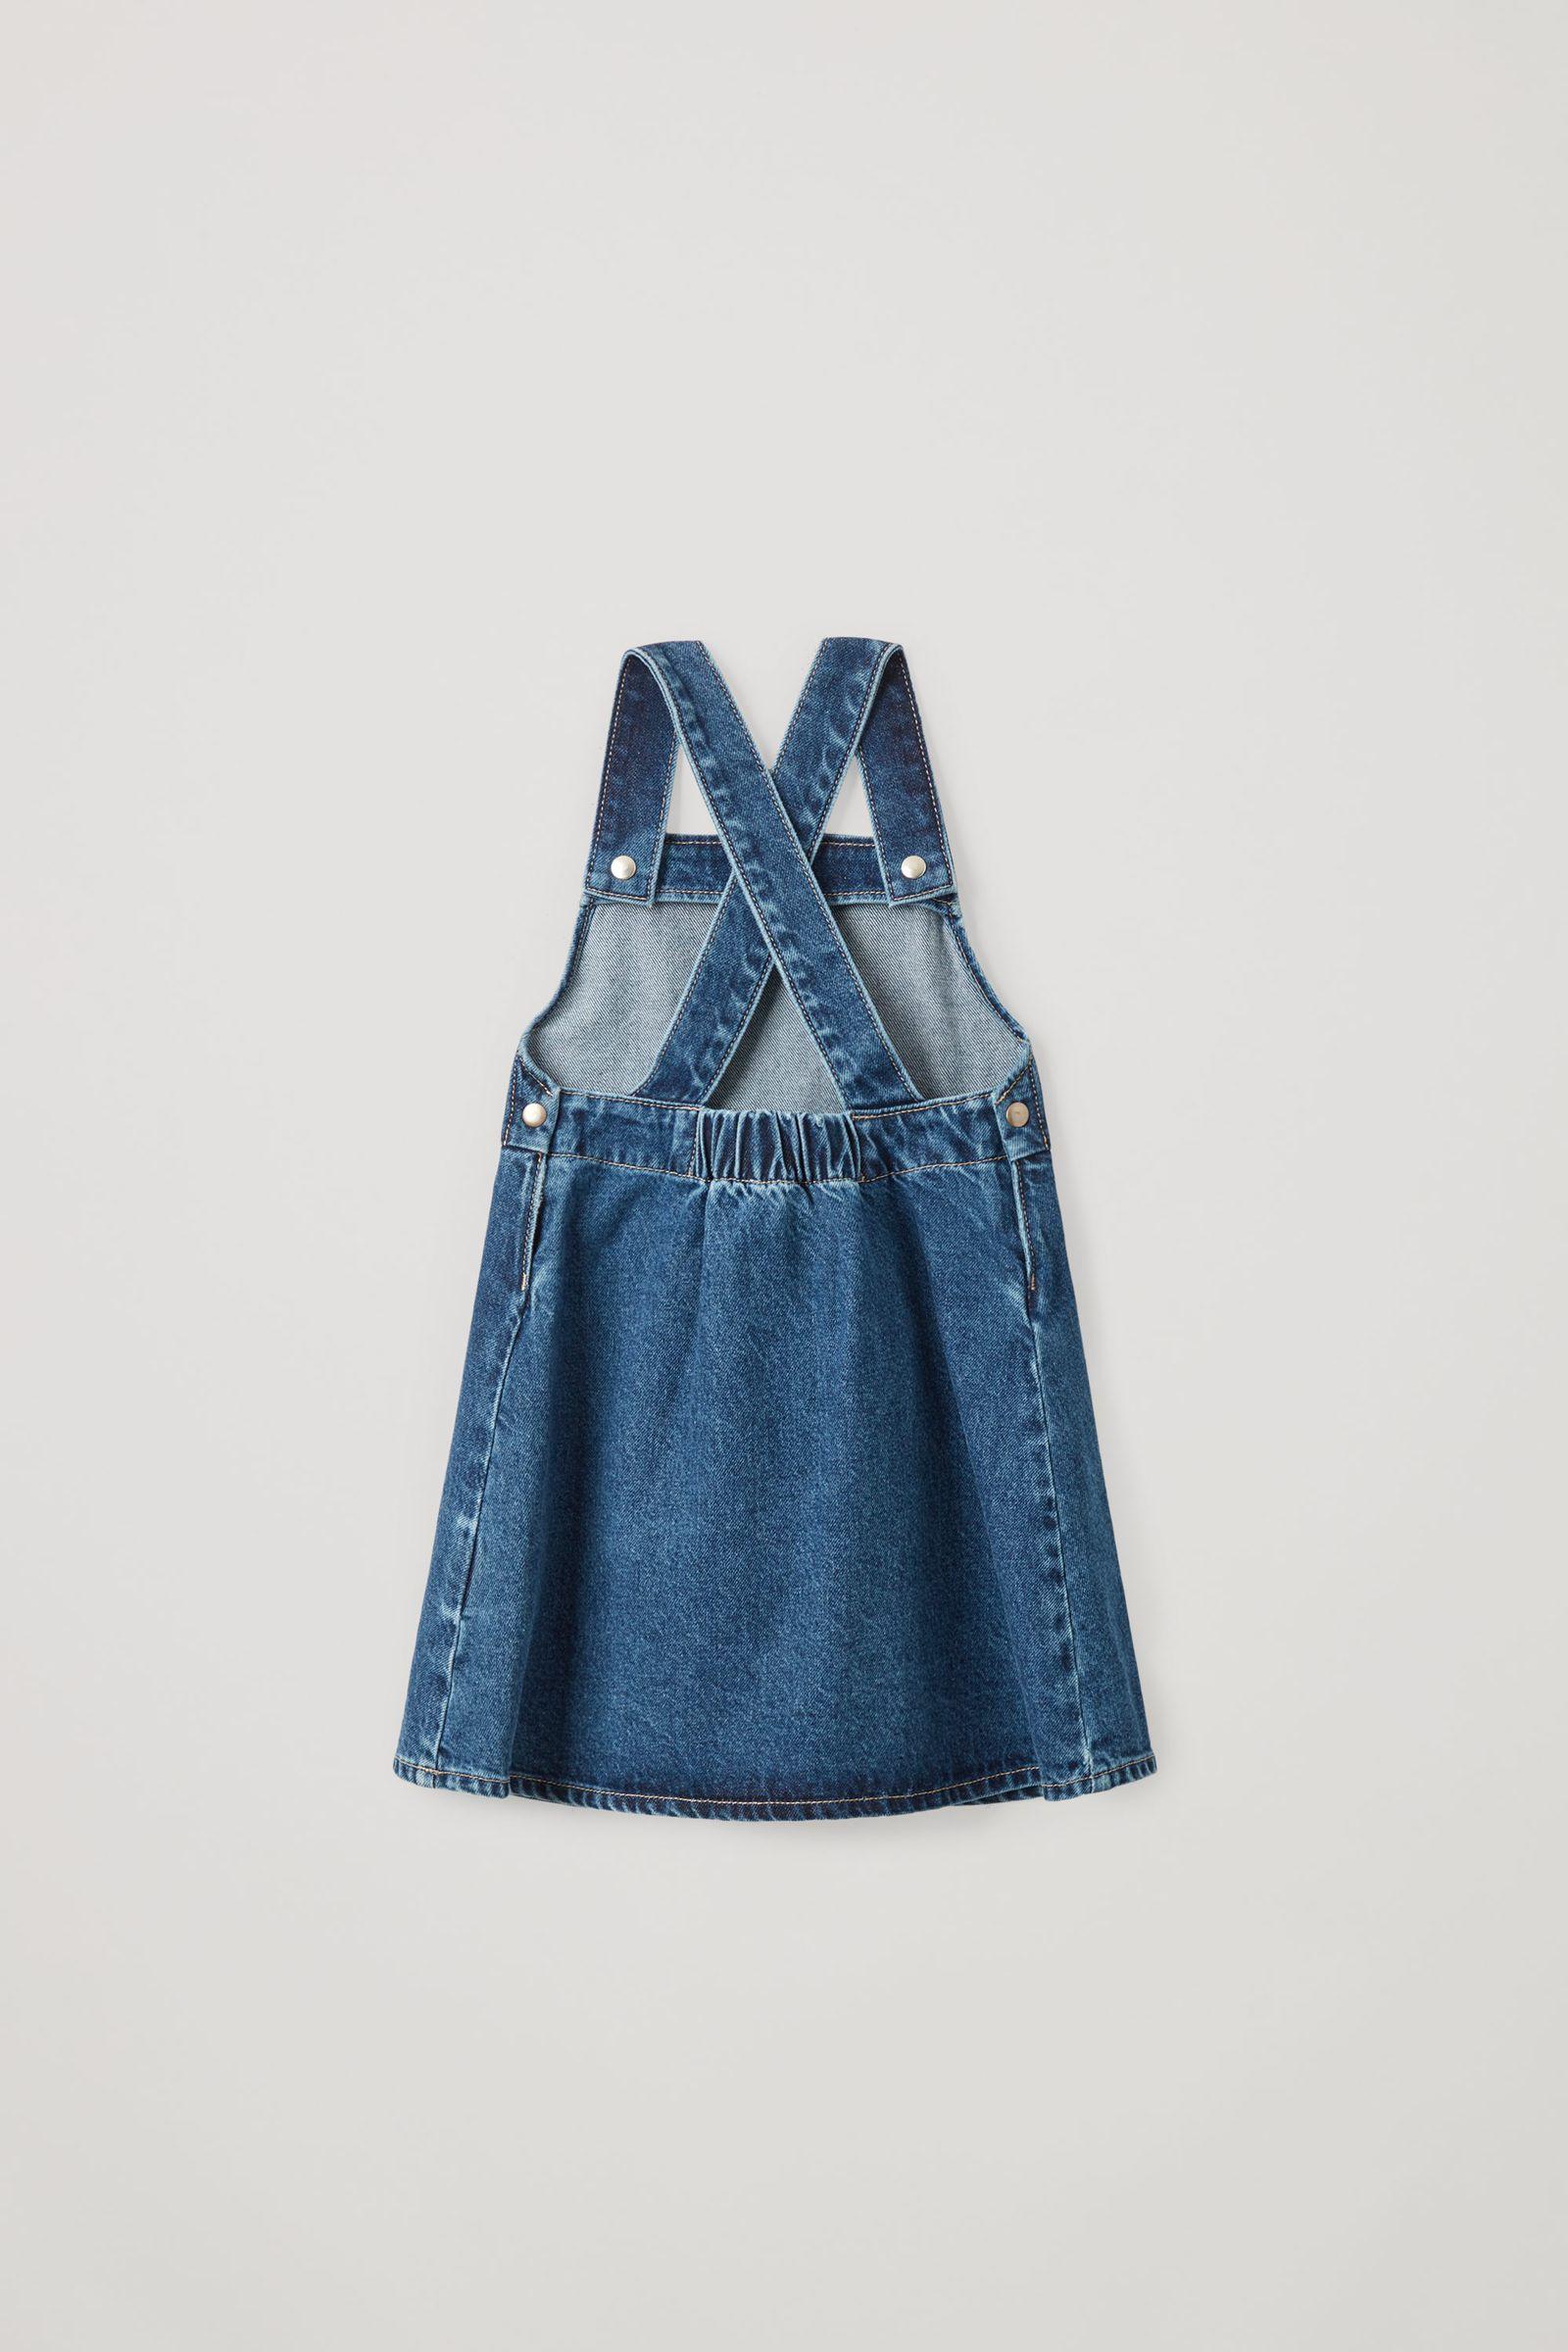 COS 오가닉 코튼 데님 에이프런 드레스의 블루컬러 Product입니다.